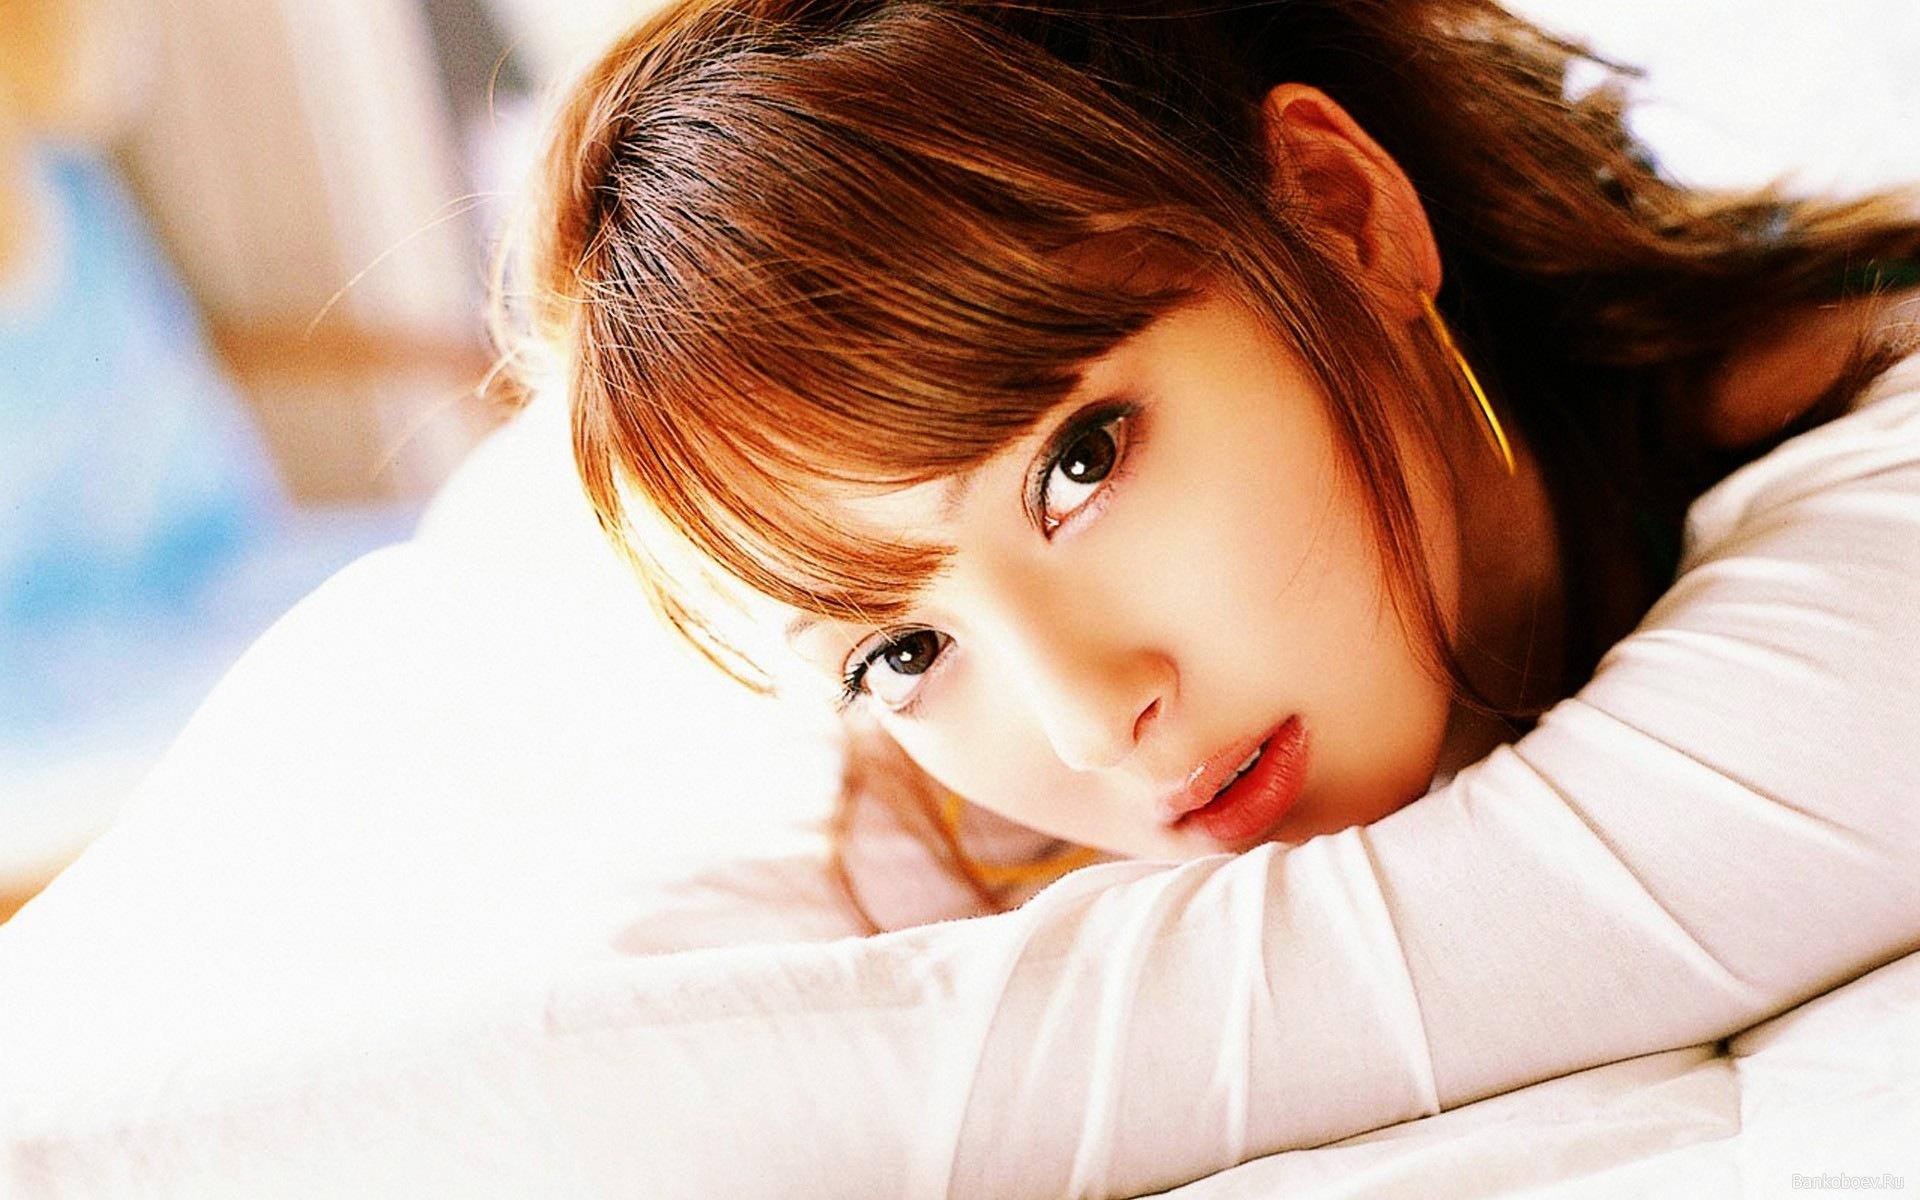 Японские девочки подростки для секса 22 фотография